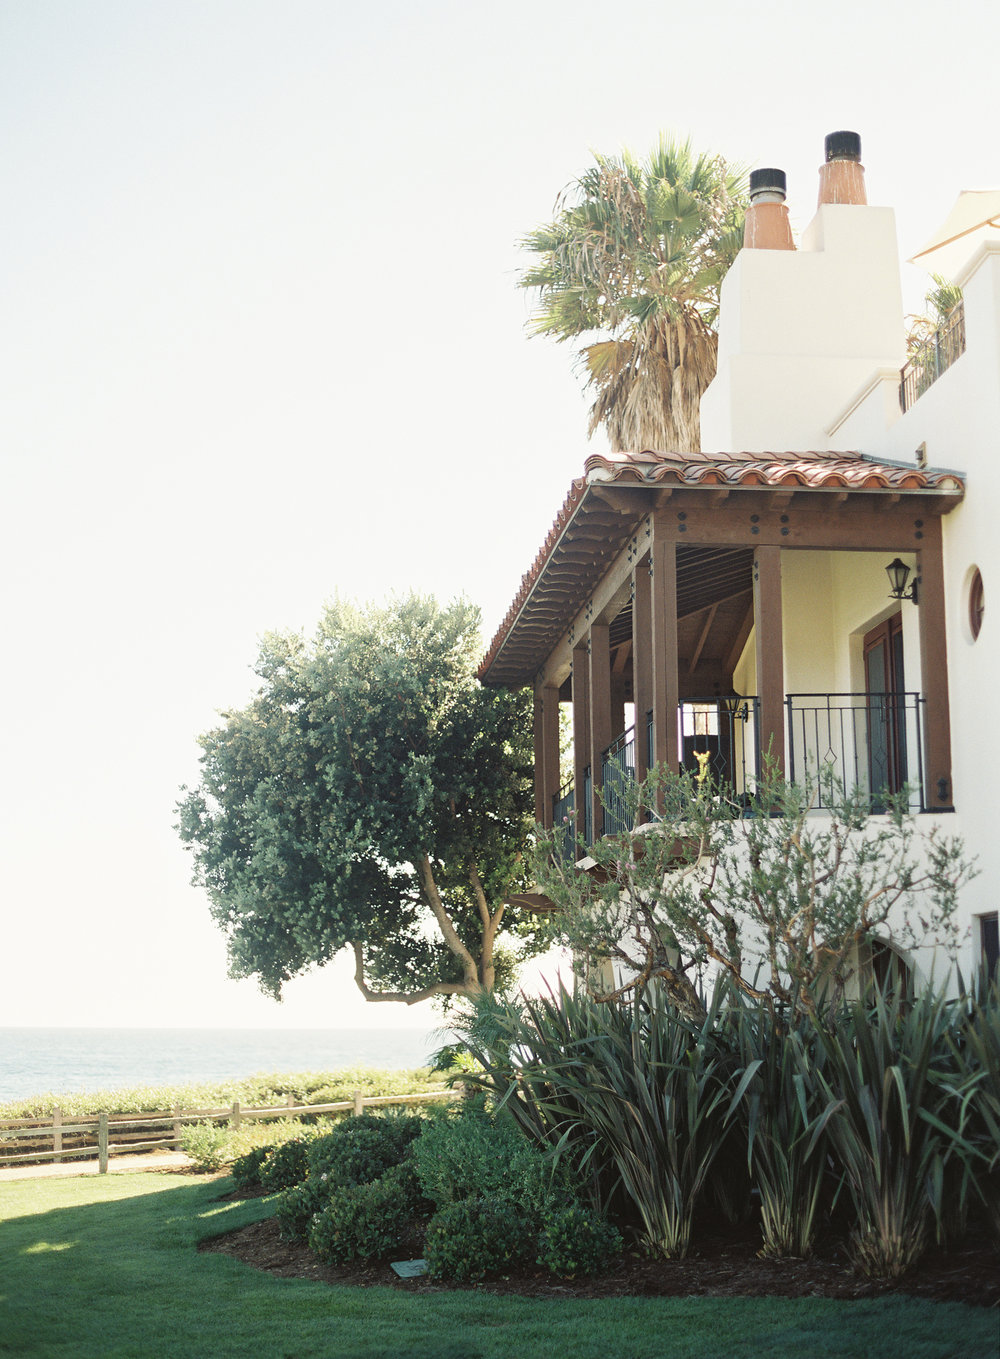 ritz+carlton+bacara+Santa+barbara+facade.jpg